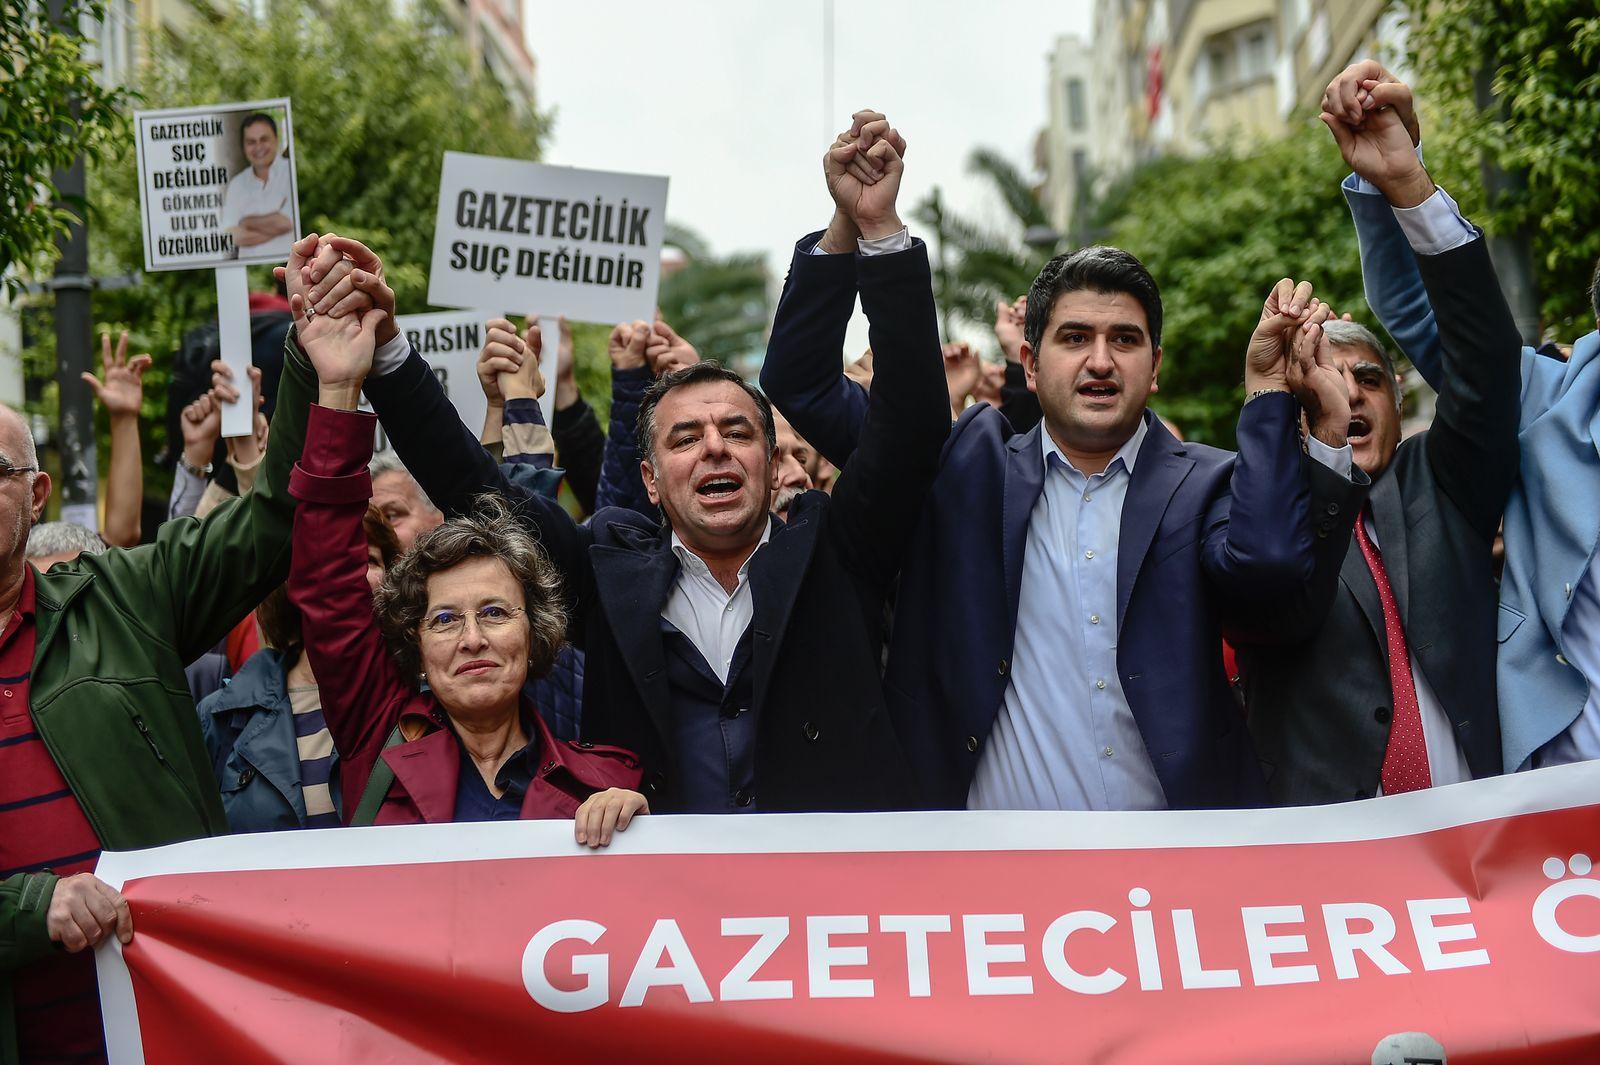 Türkei/ Pressefreiheit